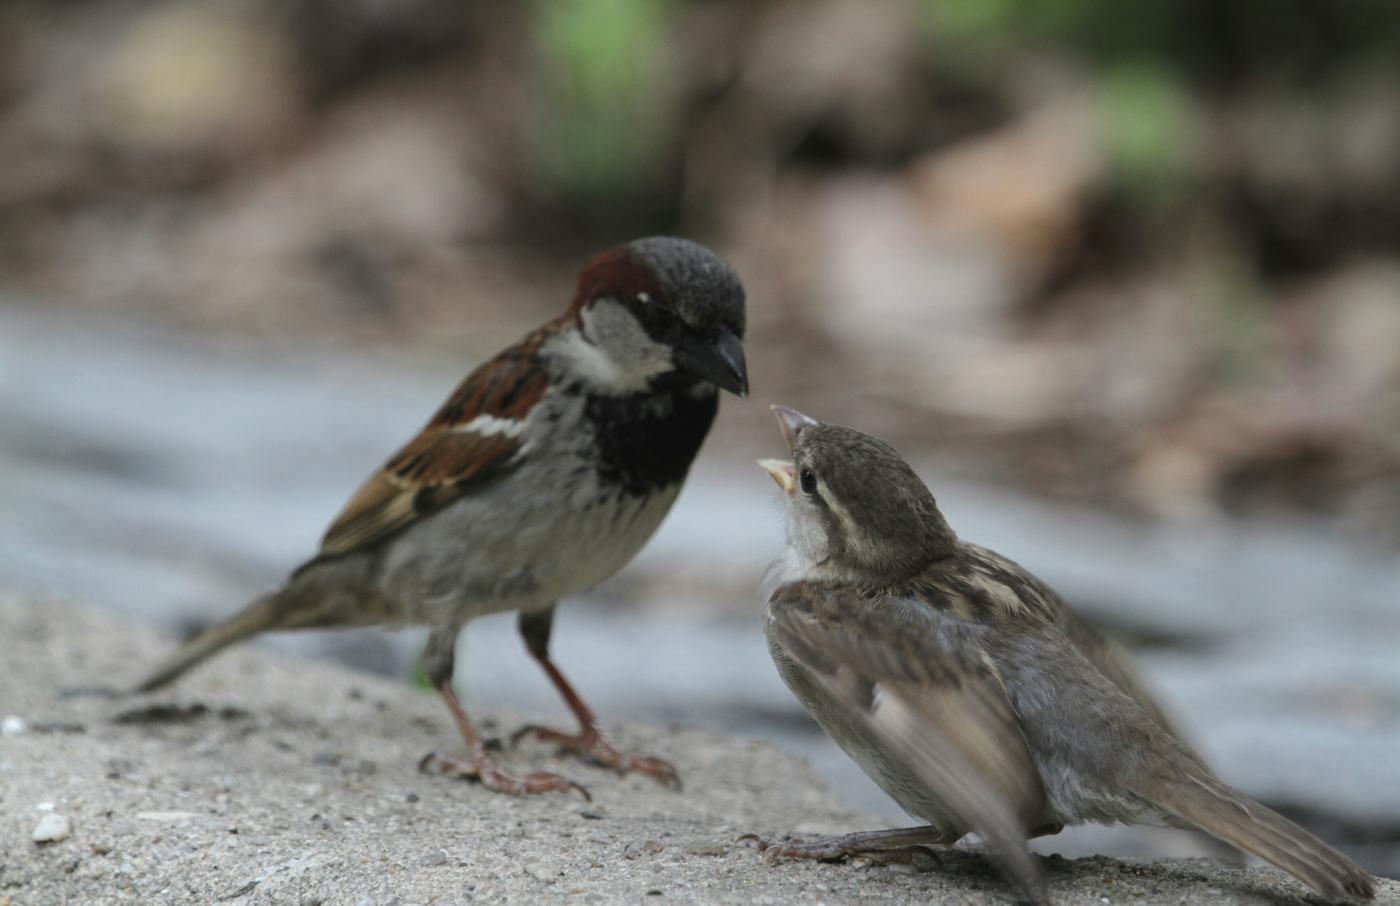 【田螺摄影】在公园拍麻雀喂养_图1-19